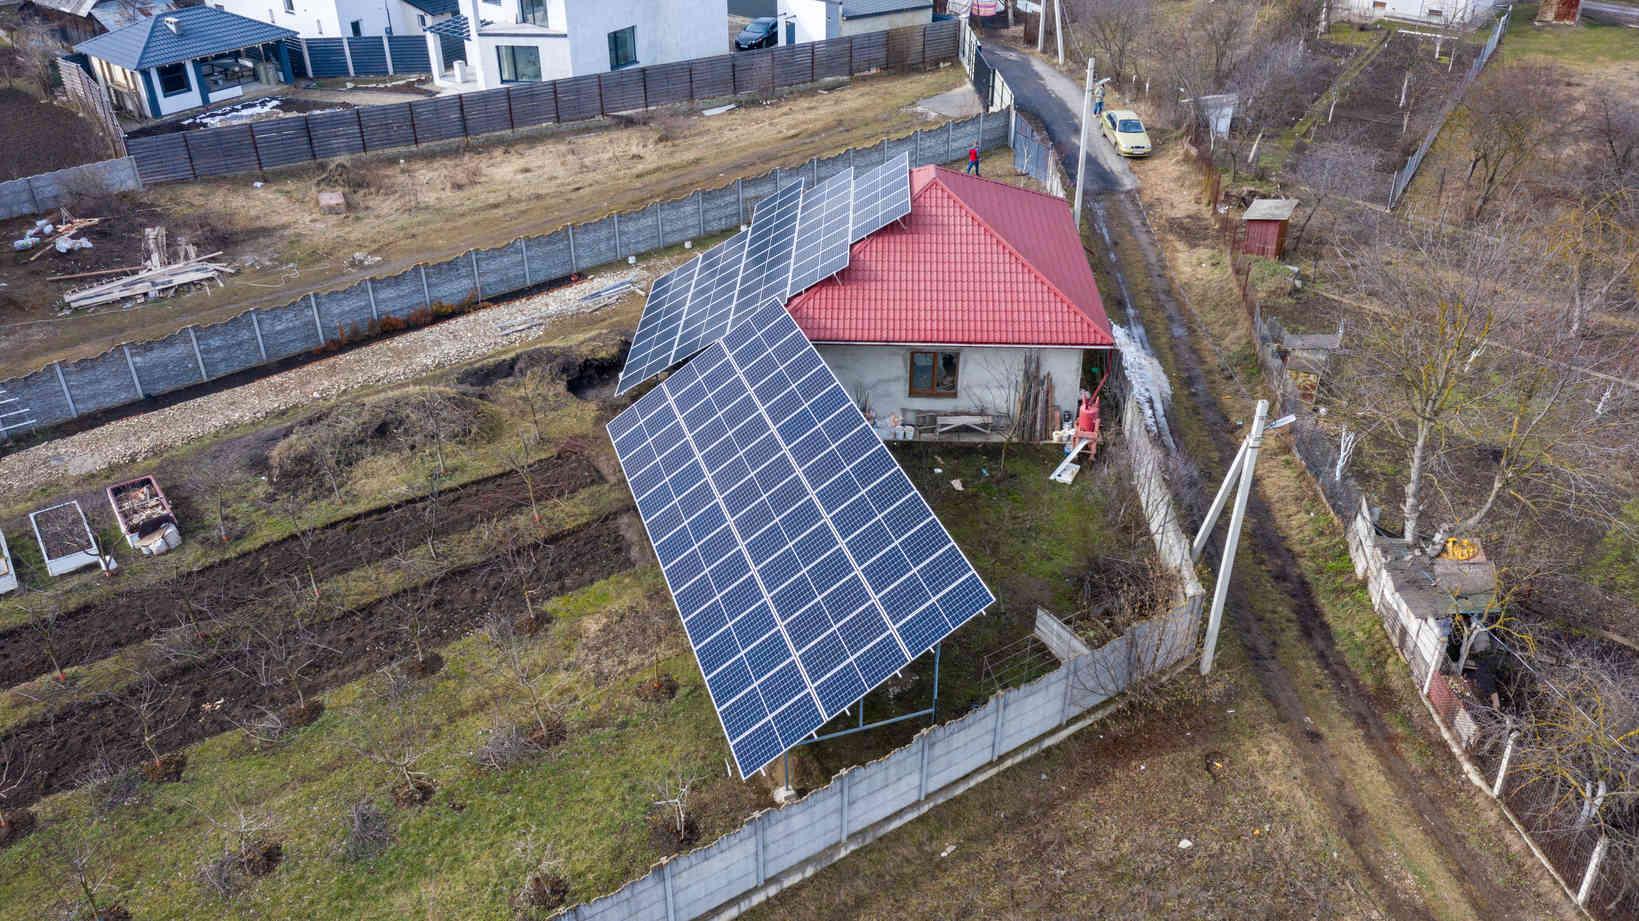 Мережева сонячна електростанція (СЕС) потужністю 34,425 кВт – Фотозвіт #4